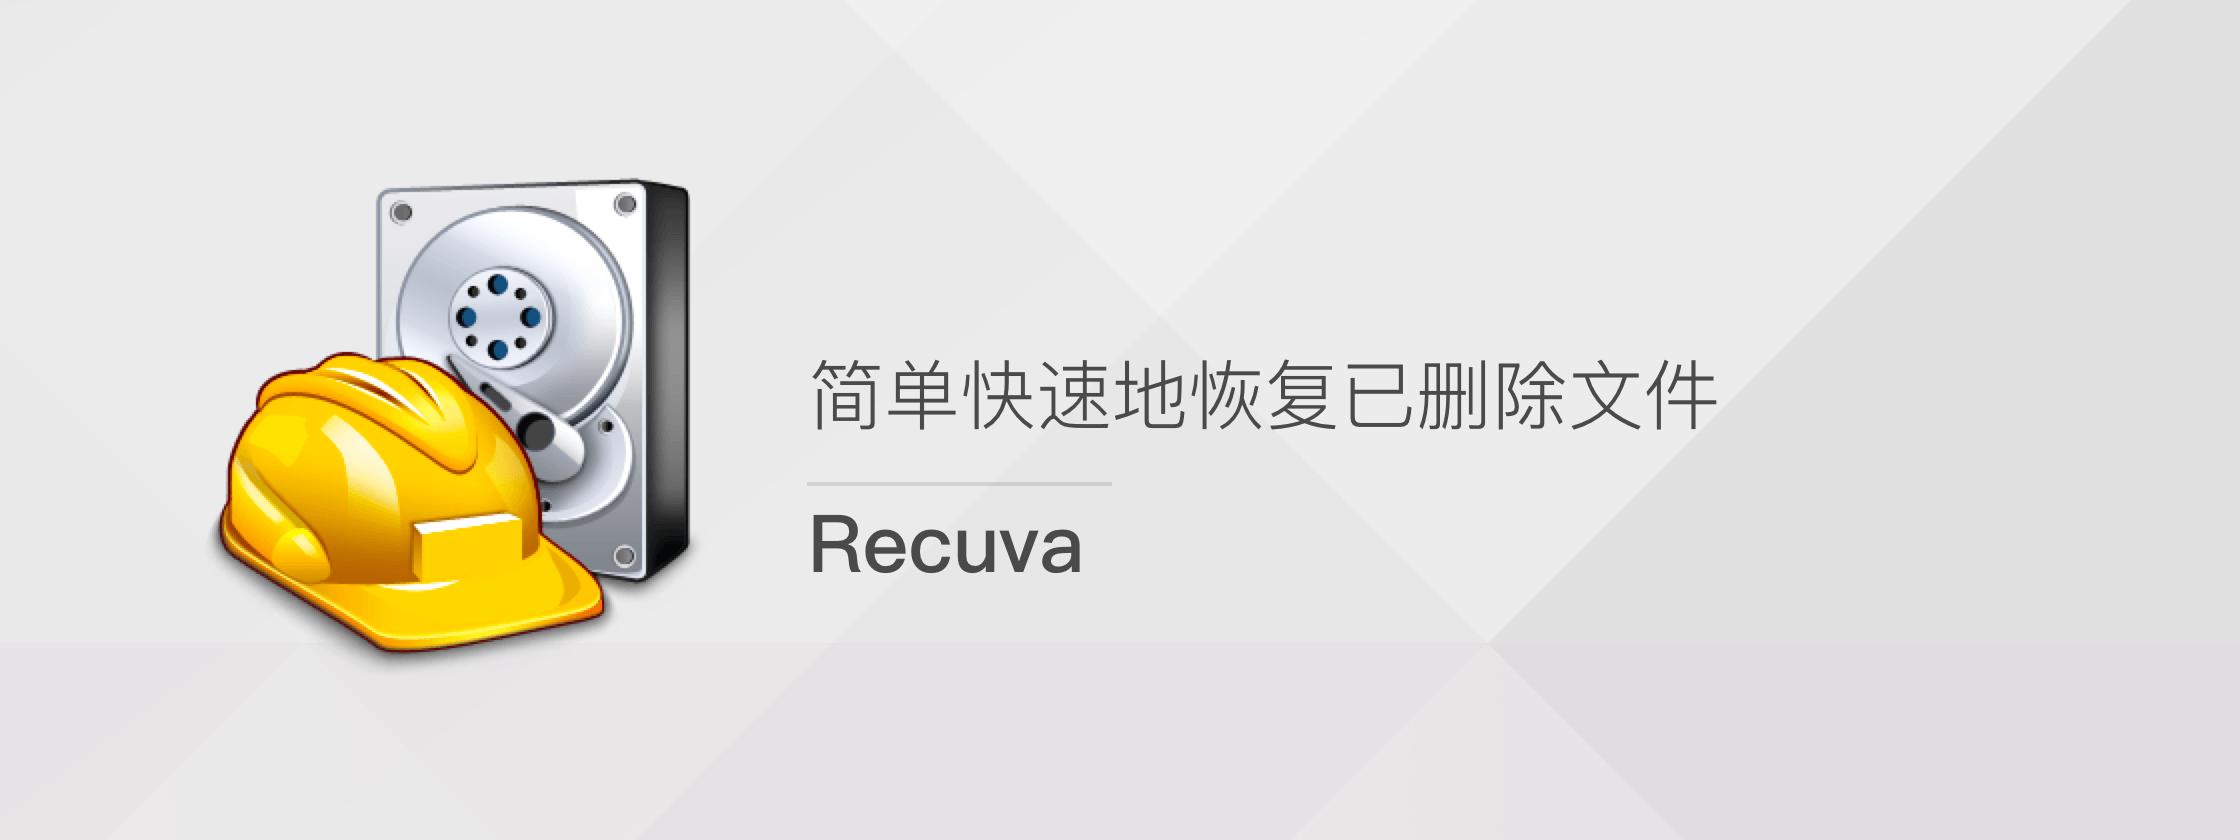 Recuva – 简单快速地恢复已删除文件